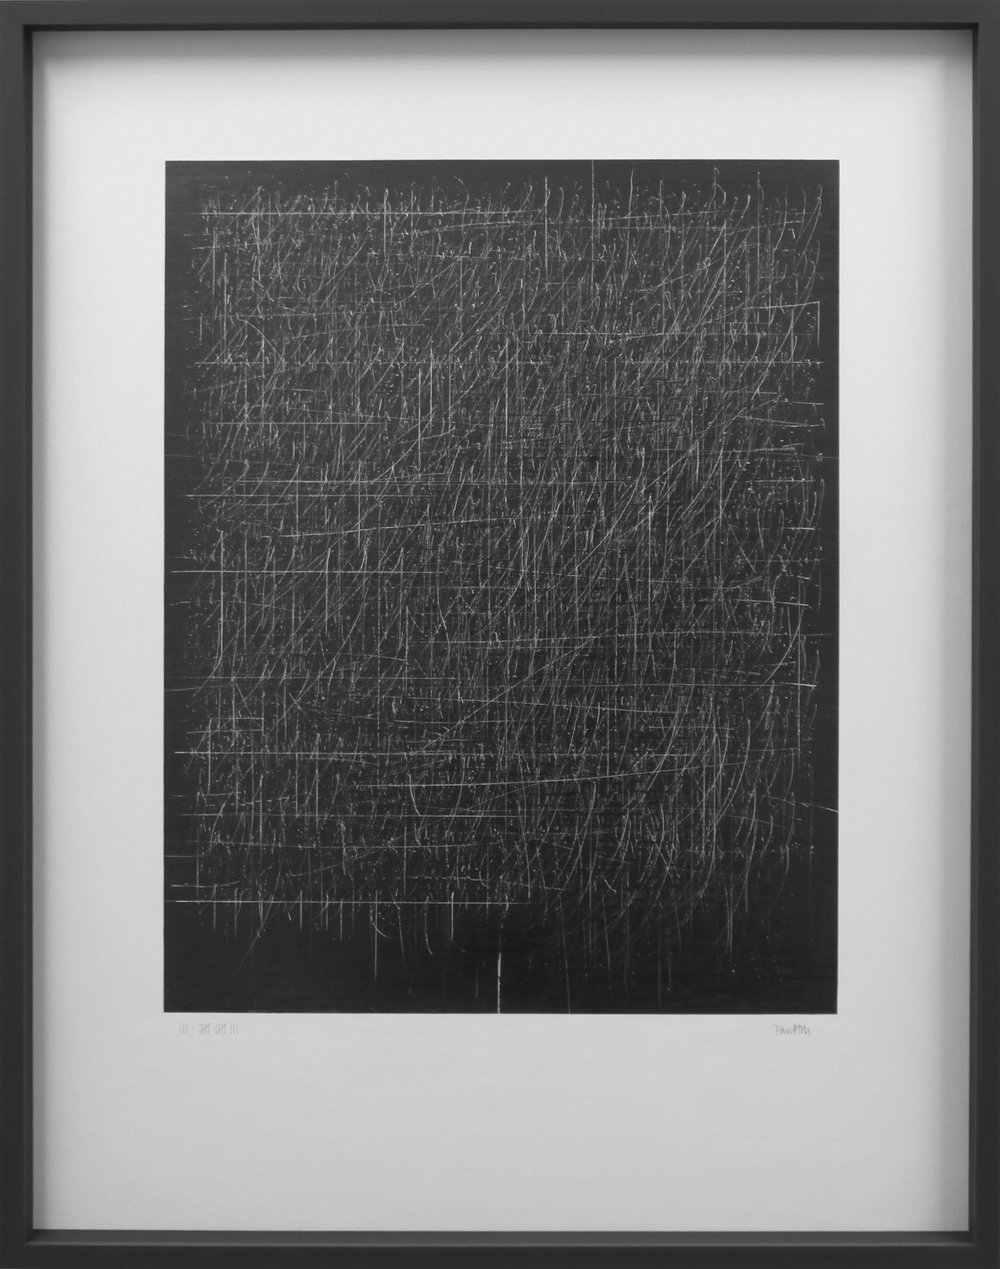 Keep the faith - the edge of silence 85.5 x 7 x 111 cm graphite on canvas-wood